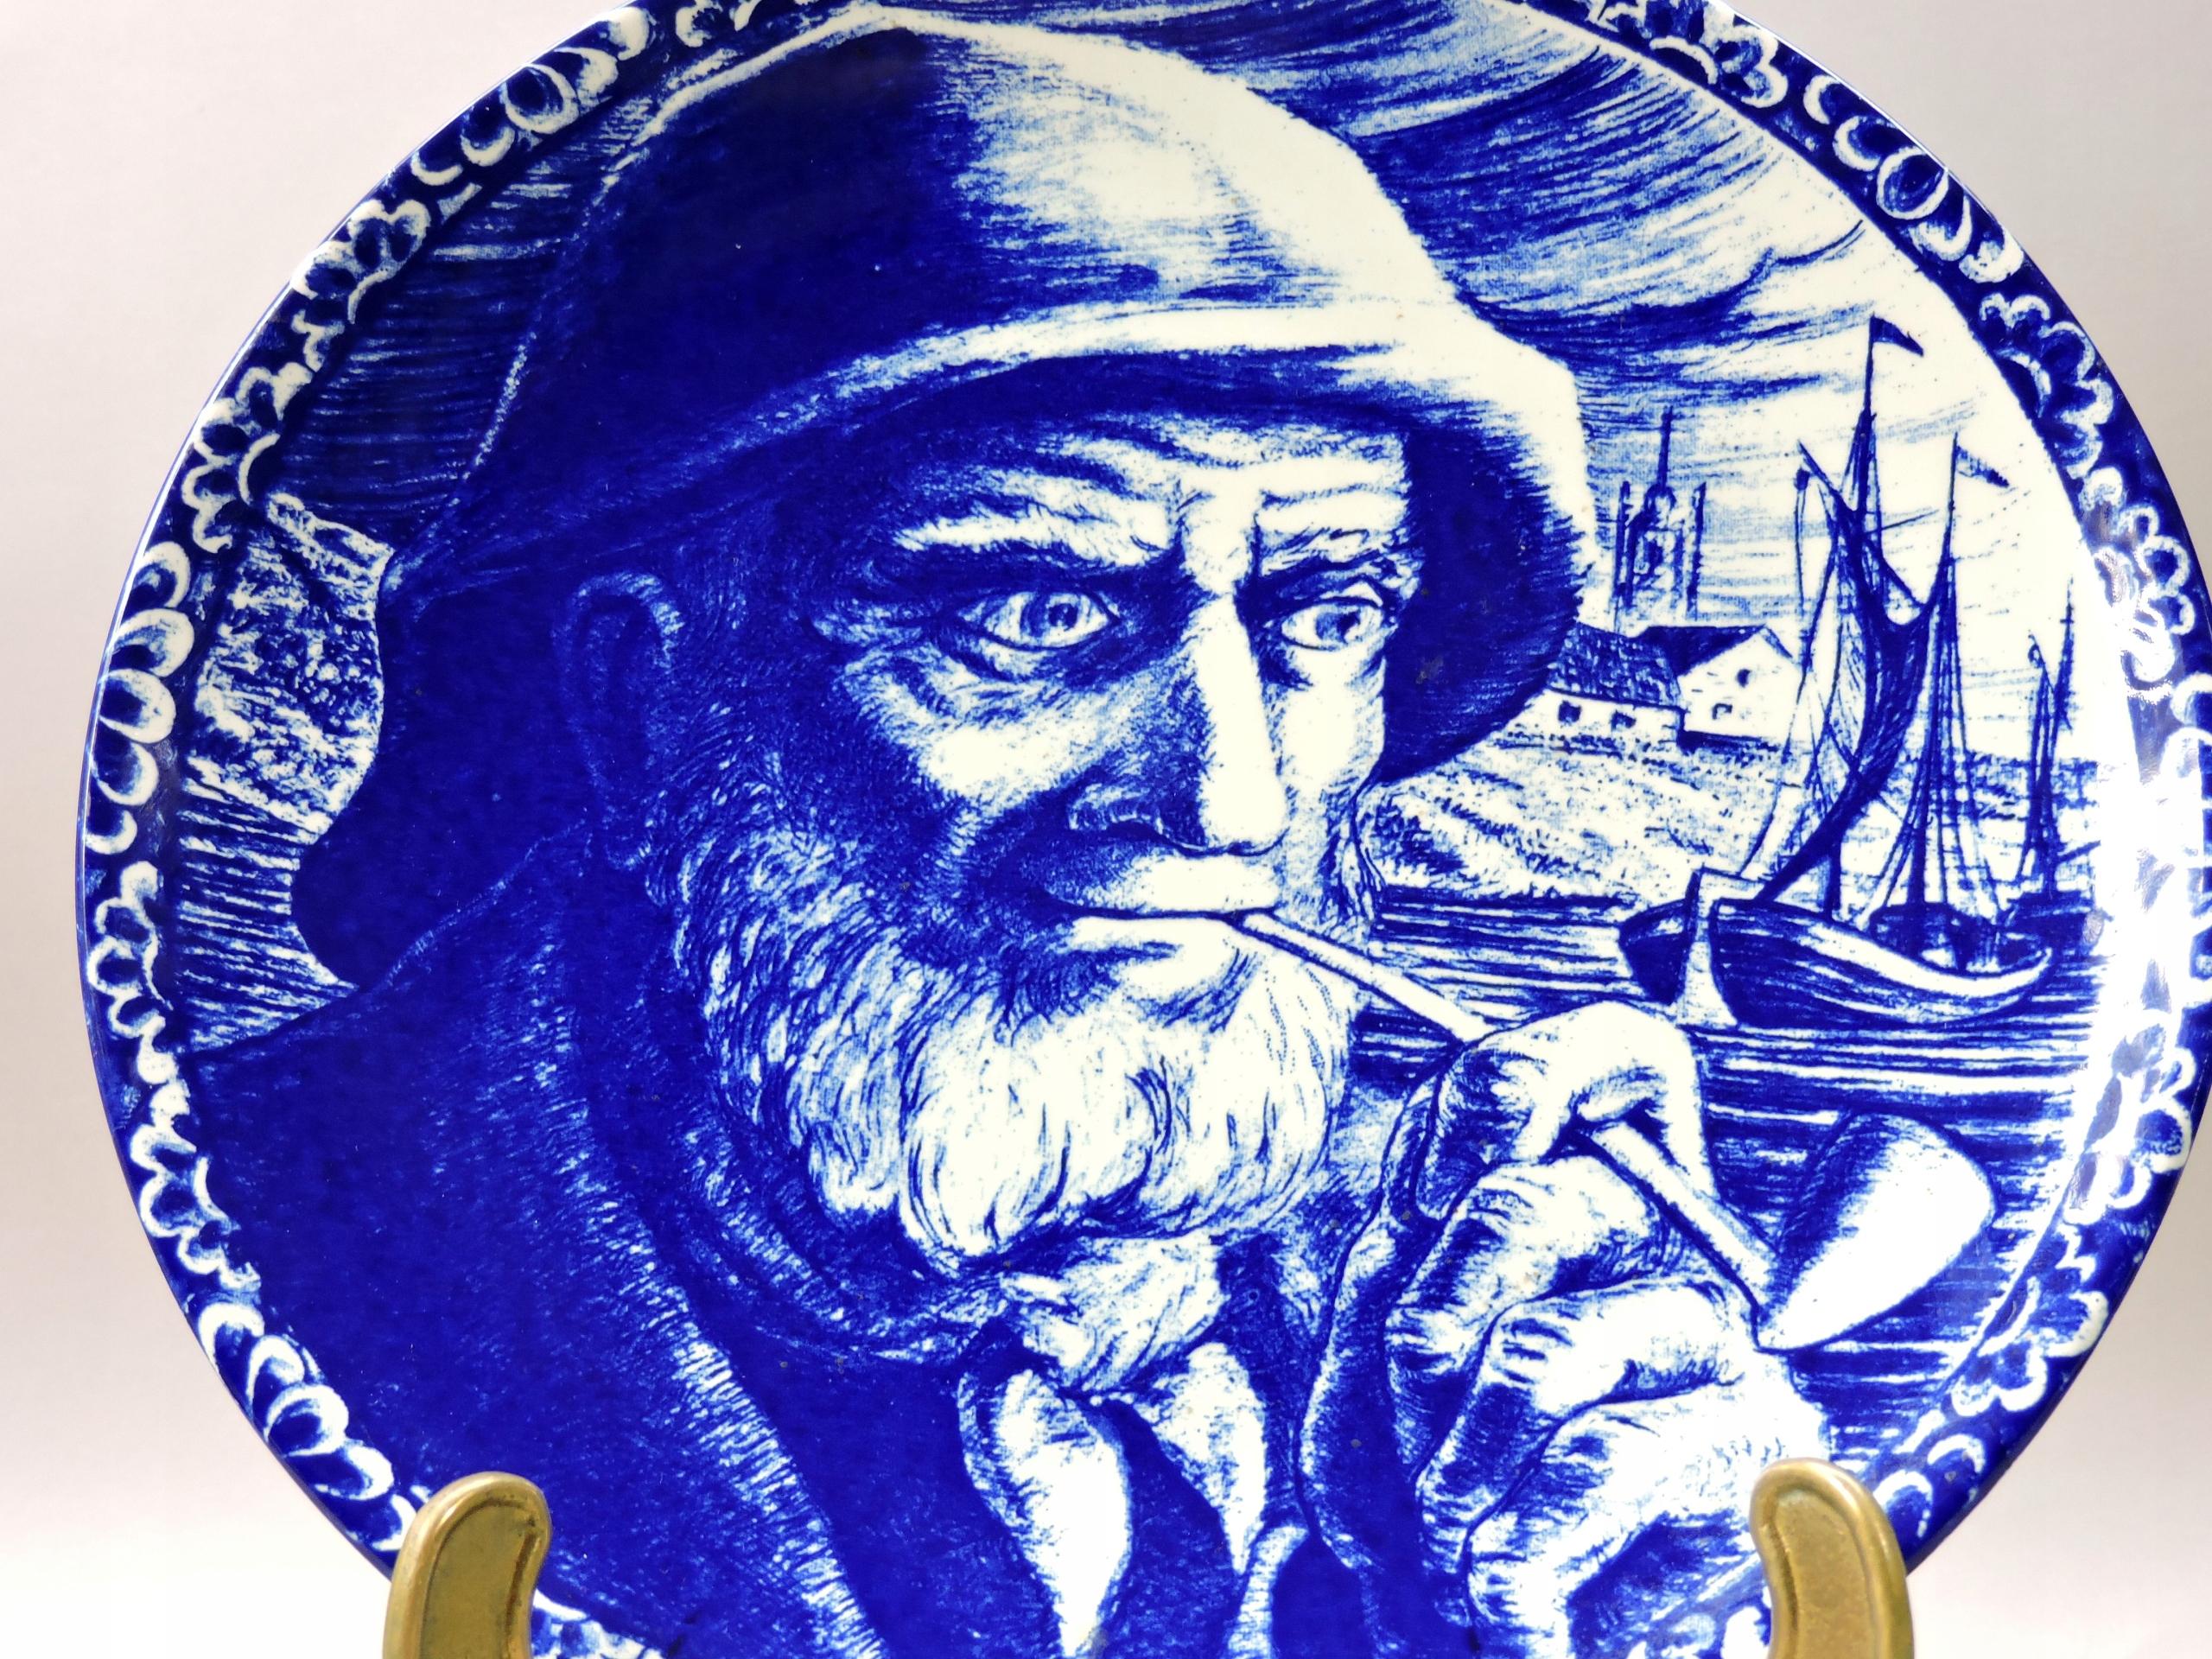 Talerz wisi obraz rybak marynarz kobalt Delft